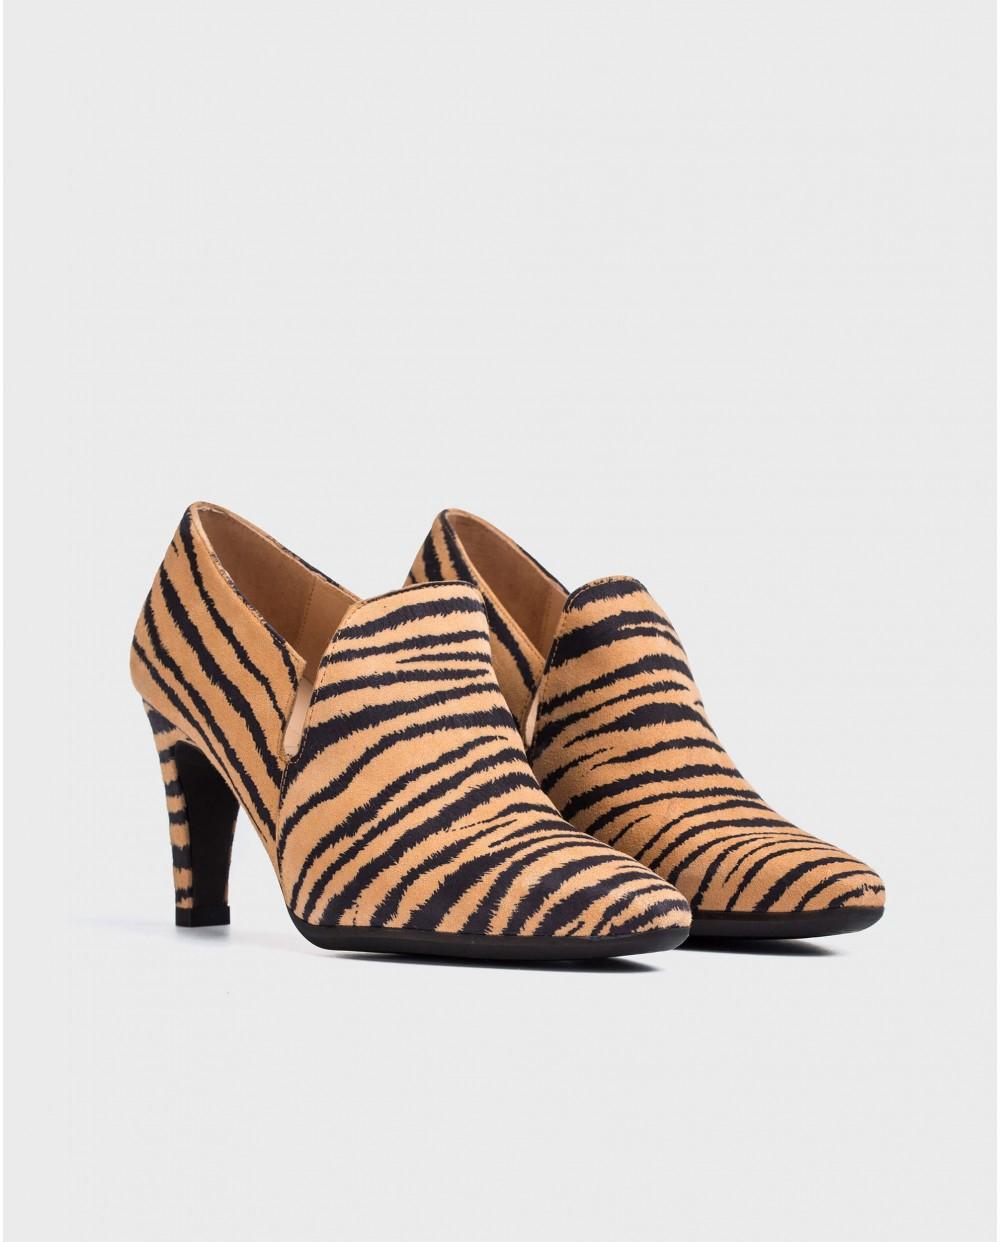 Wonders-Heels-Zebra print boot inspired shoe